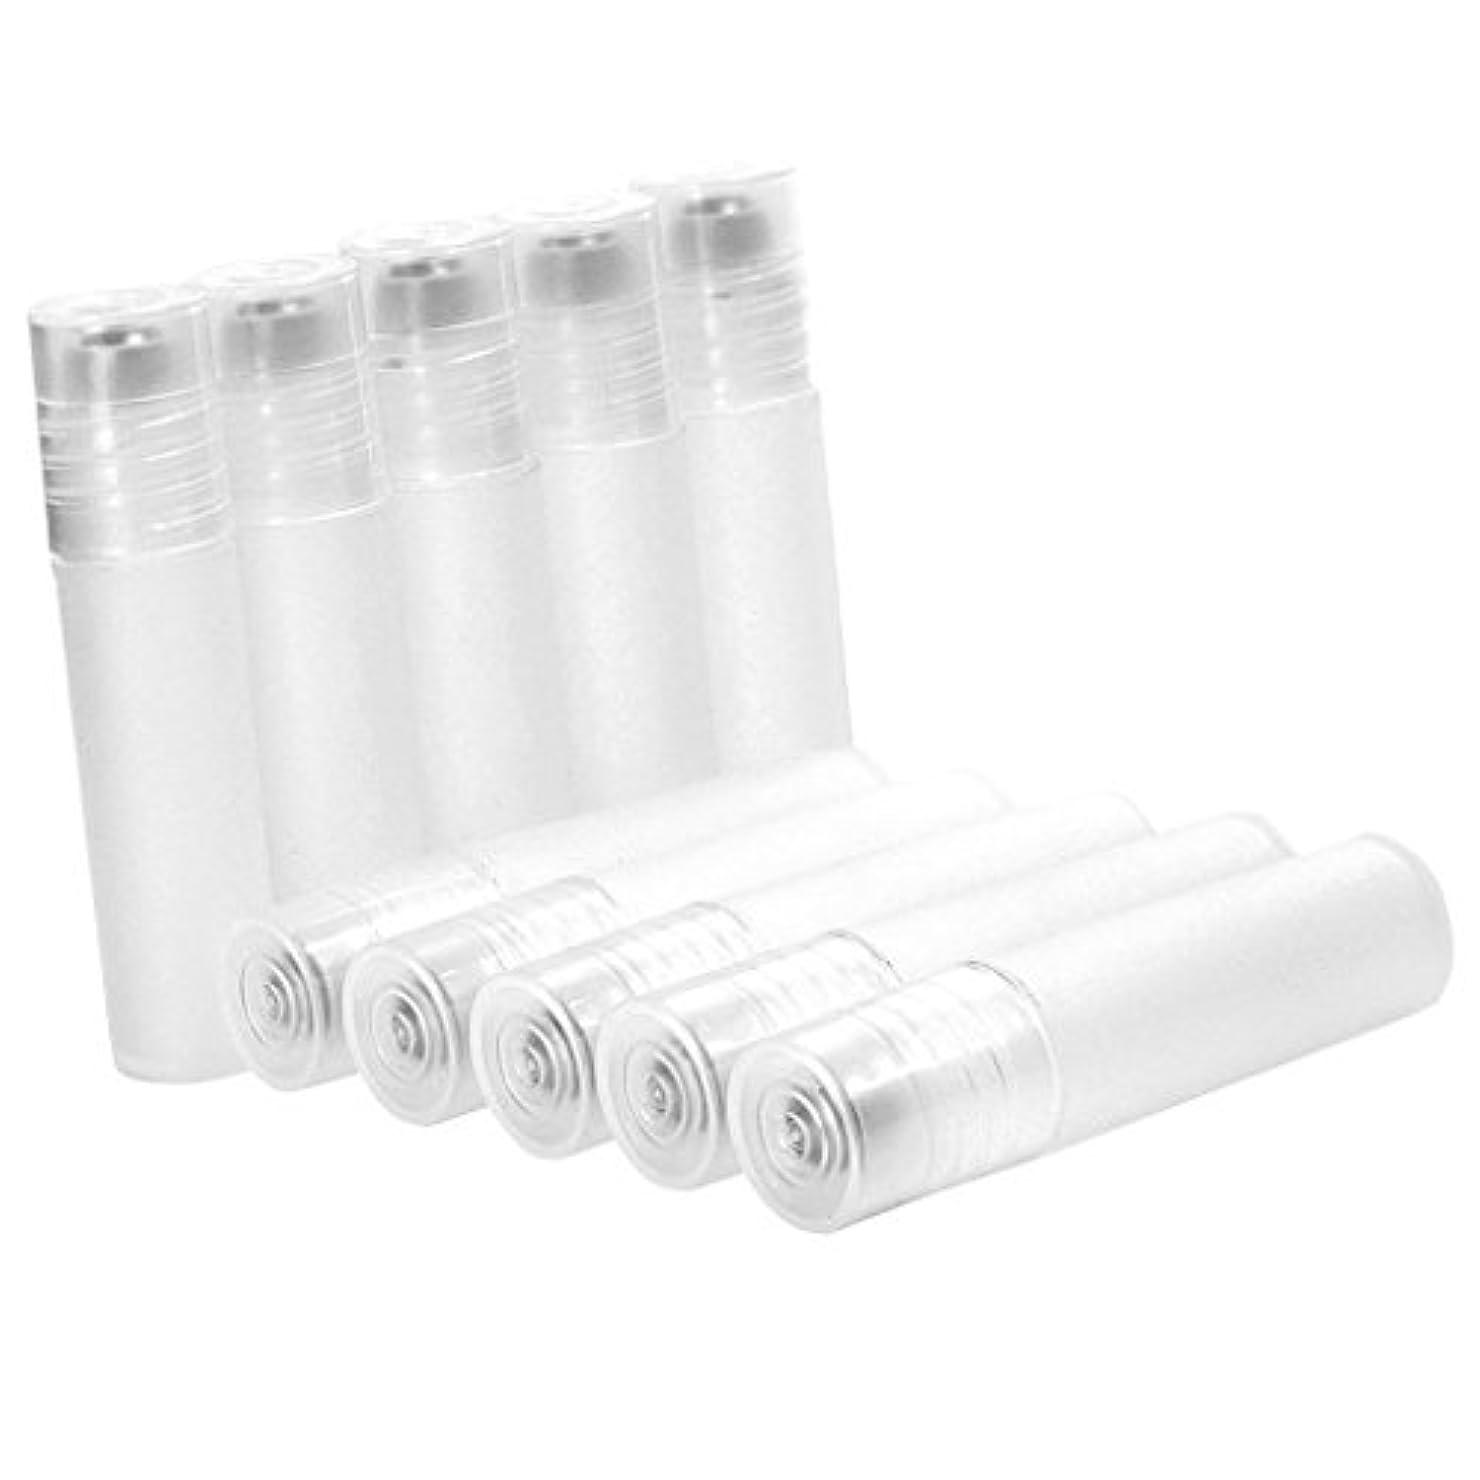 遠洋のみなさんしかしFenteer 10本セット 空ボトル 香水 クリーム 液体 リフィルボトル 詰め替え 5ml ミニサイズ